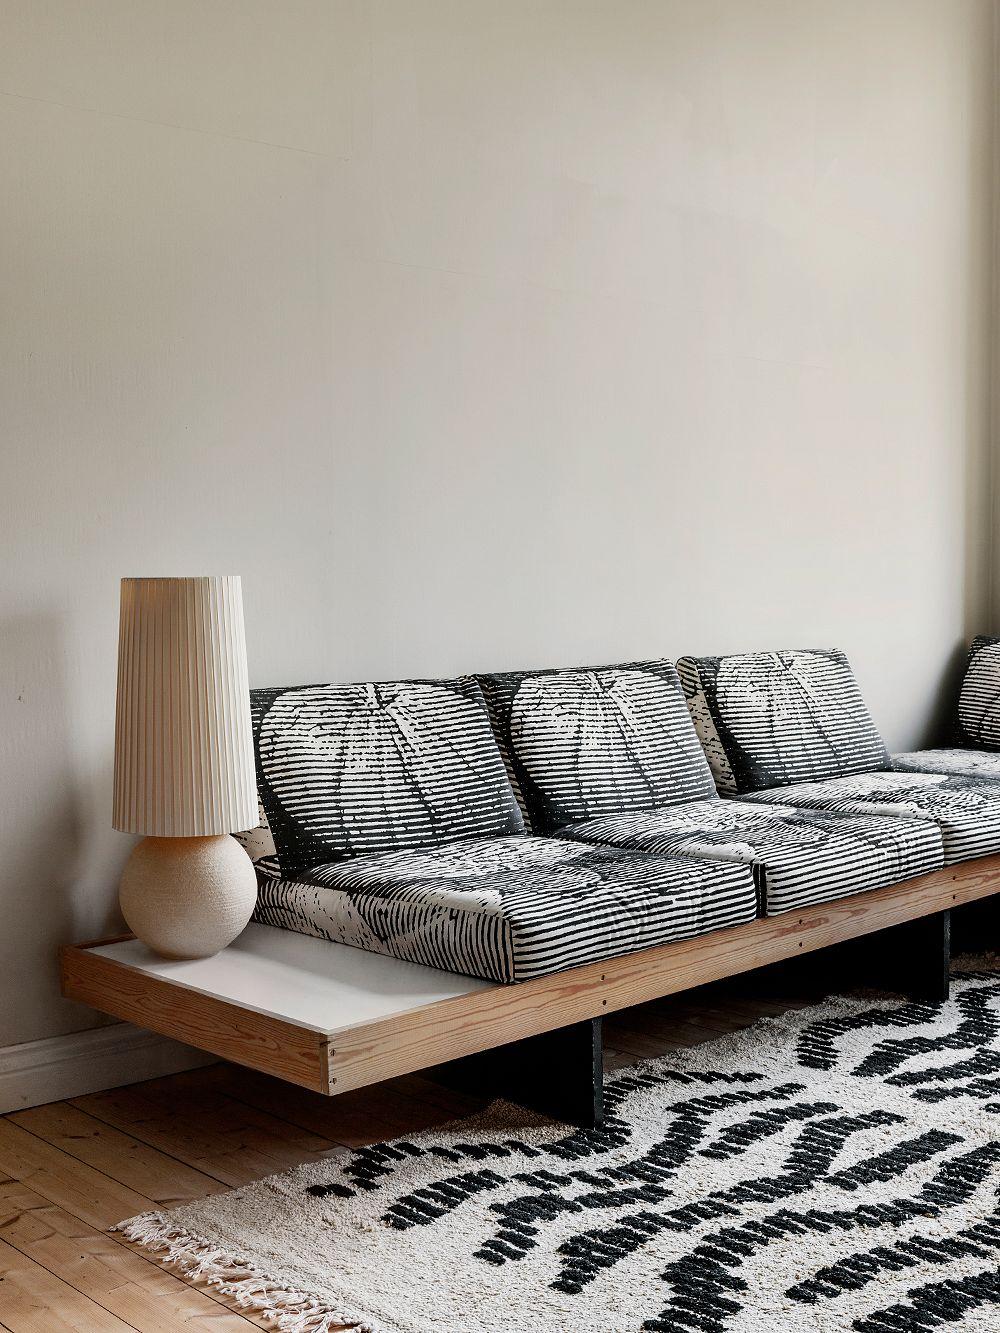 Vuokko Eskolin-Nurmesniemen Hedelmä-kankaalla verhoiltu sohva